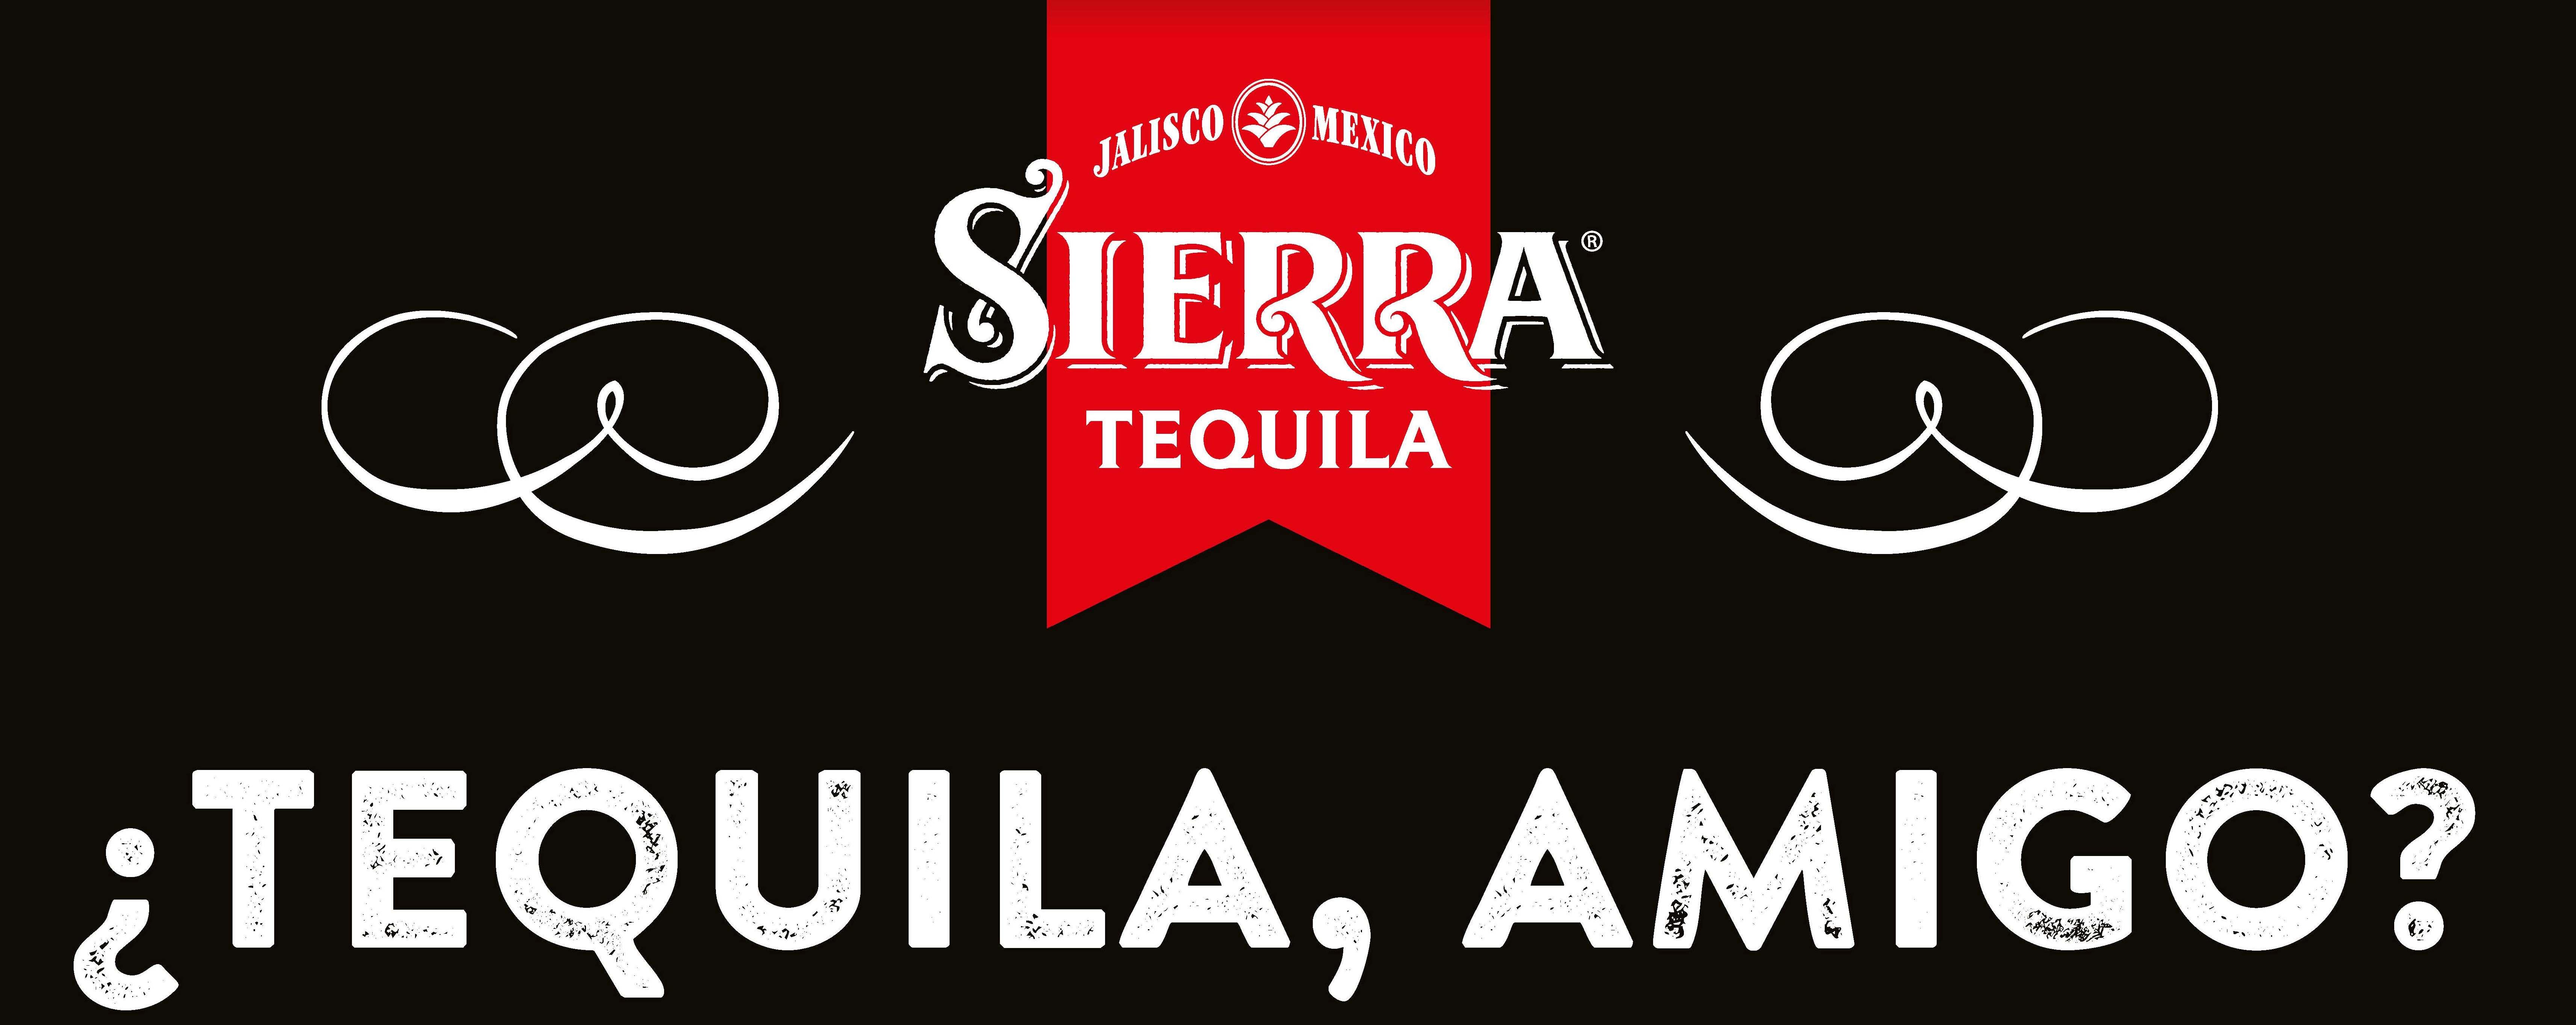 tequila, amigo)